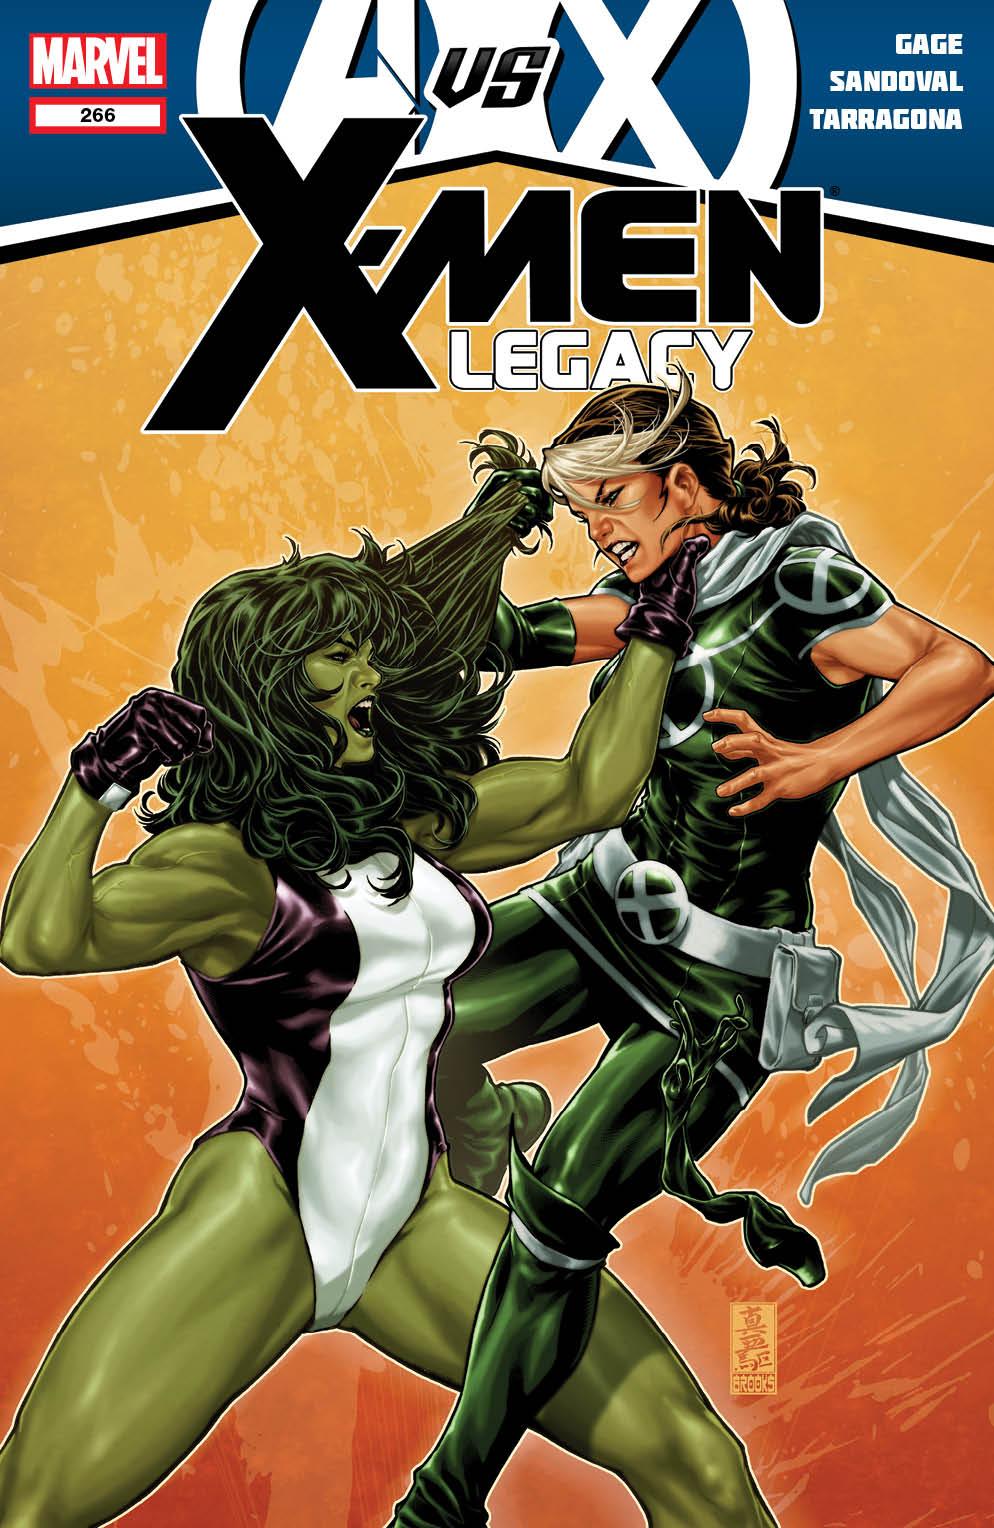 XMenLegacy_266_Cover Marvel unleashes New AVENGERS VS. X-MEN Covers